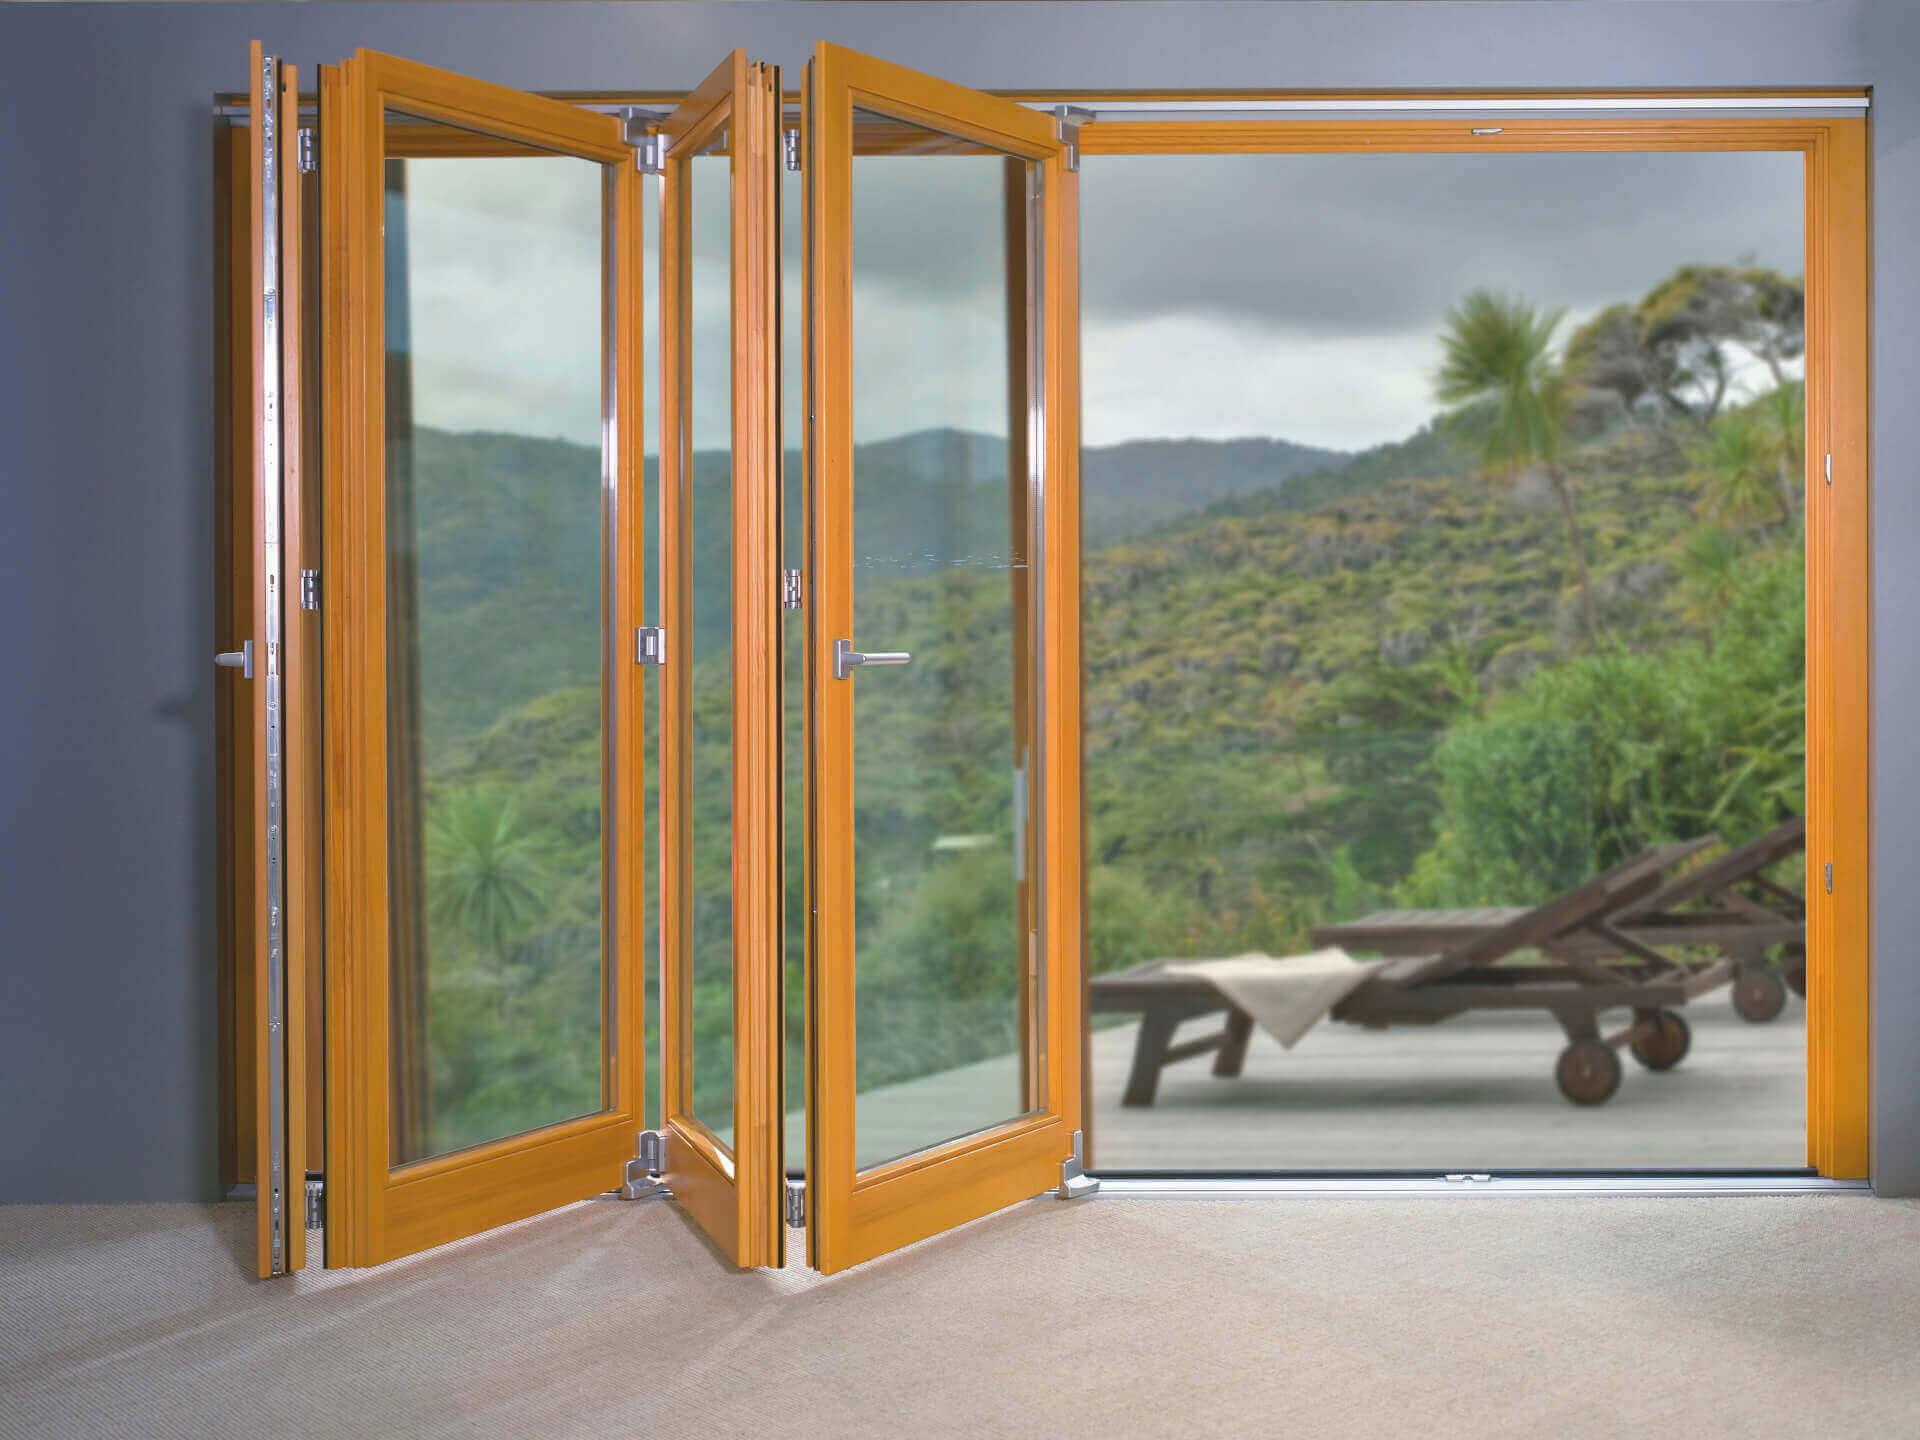 Drewniano-aluminiowe drzwi harmonijkowe Patio FS.